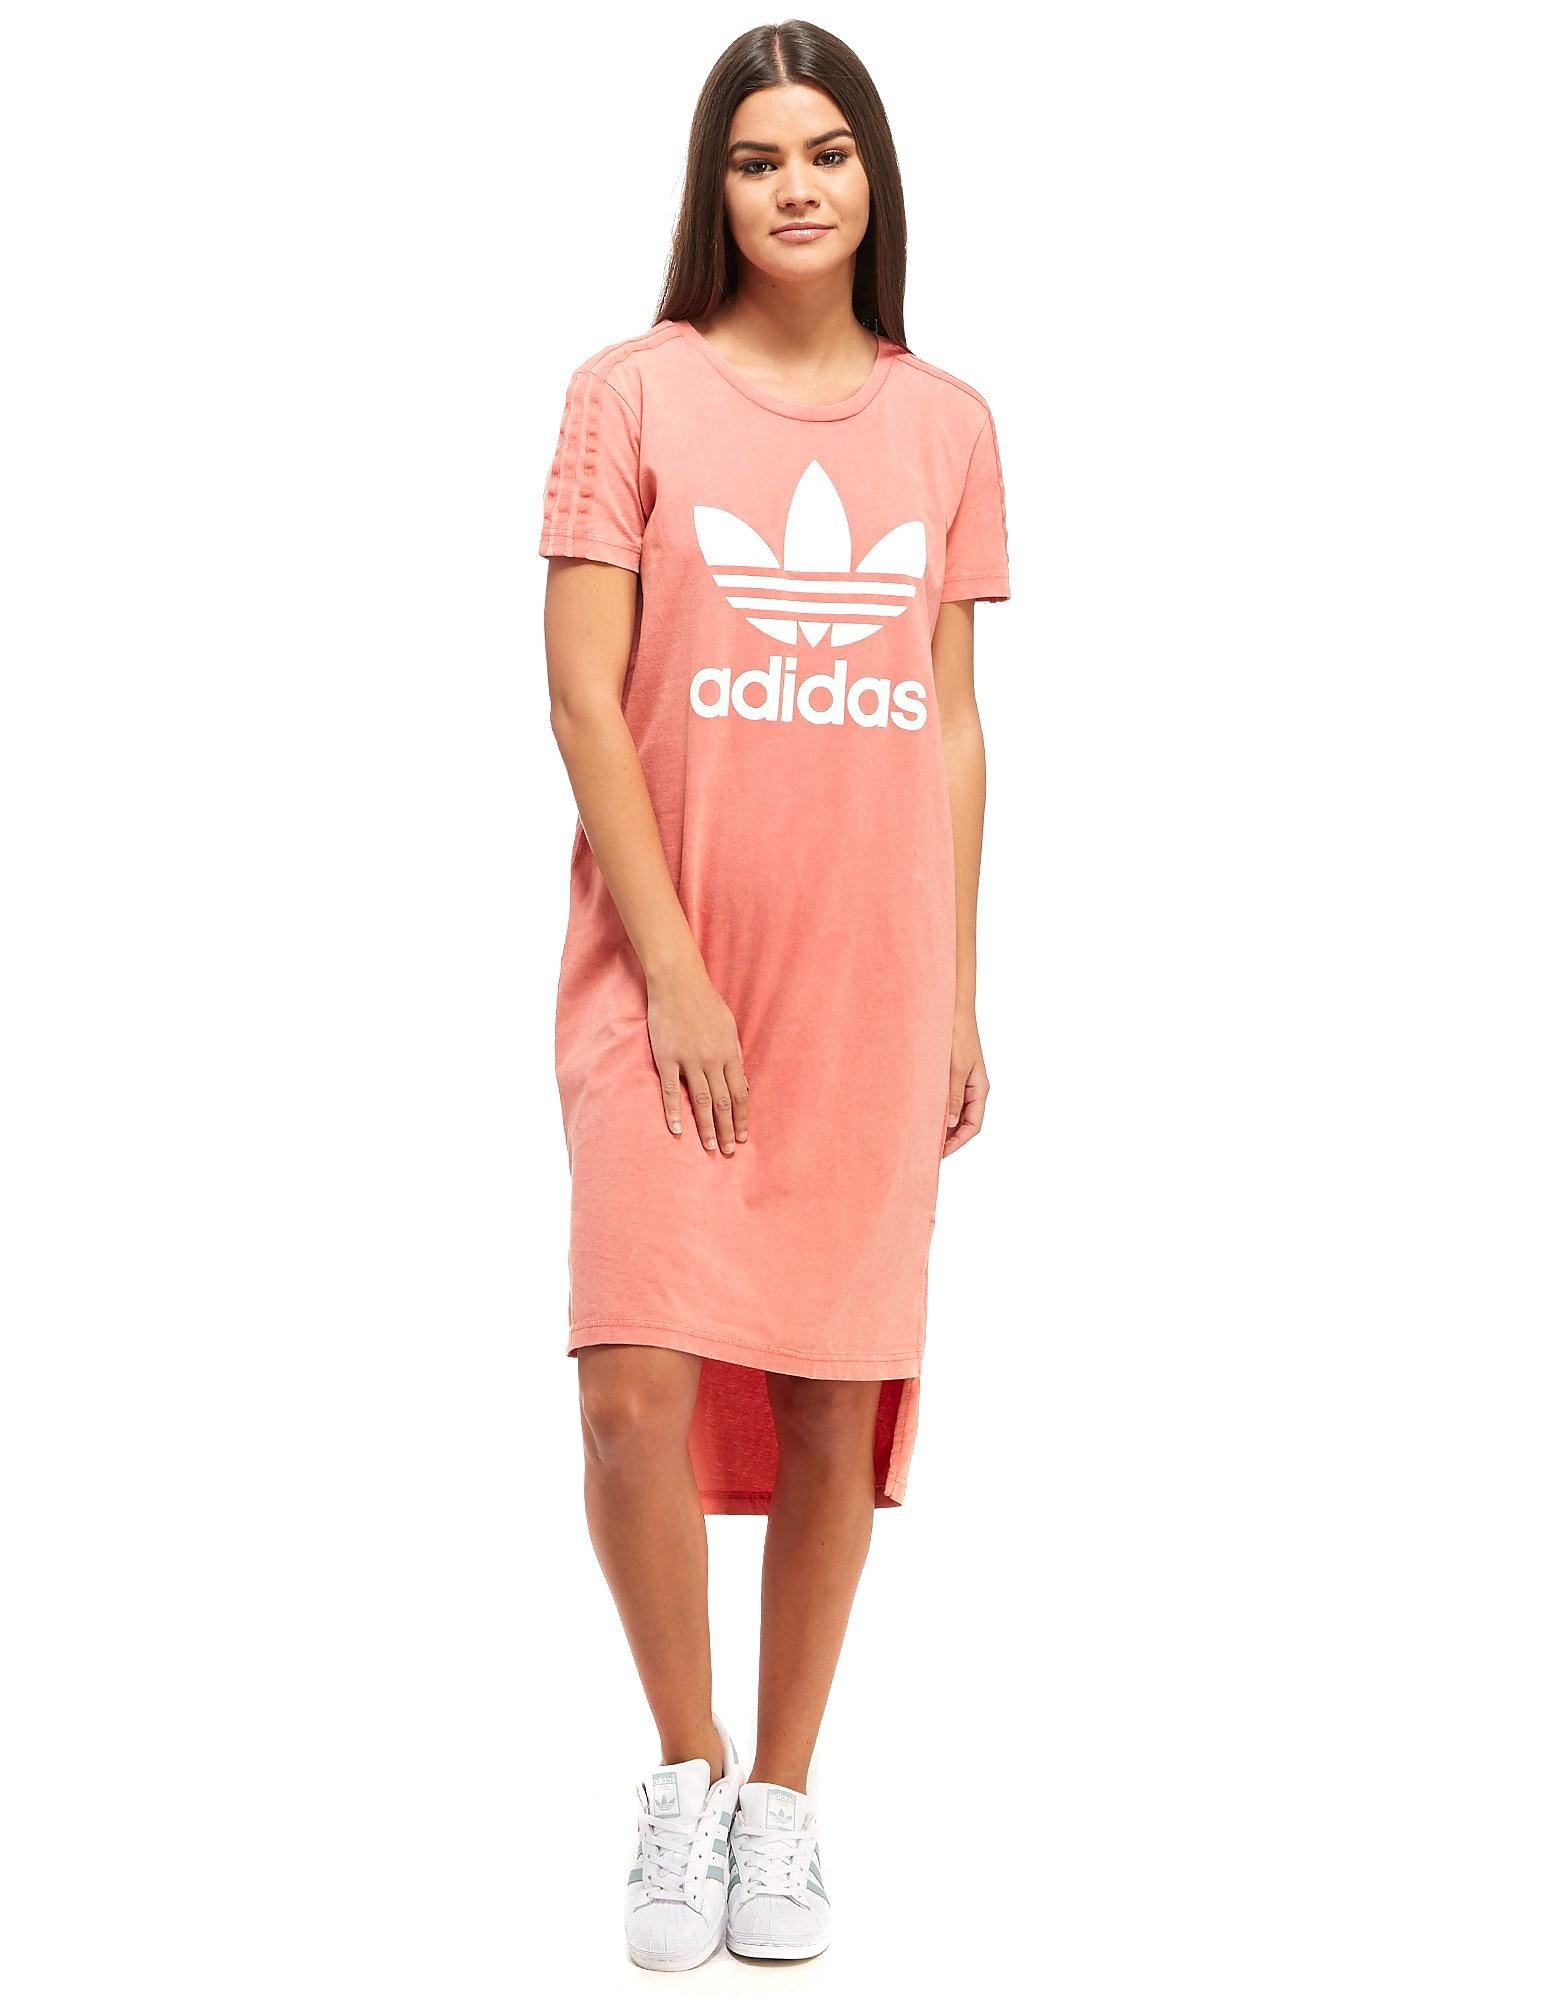 adidas Originals Ocean Elements Washed T-Shirt Dress